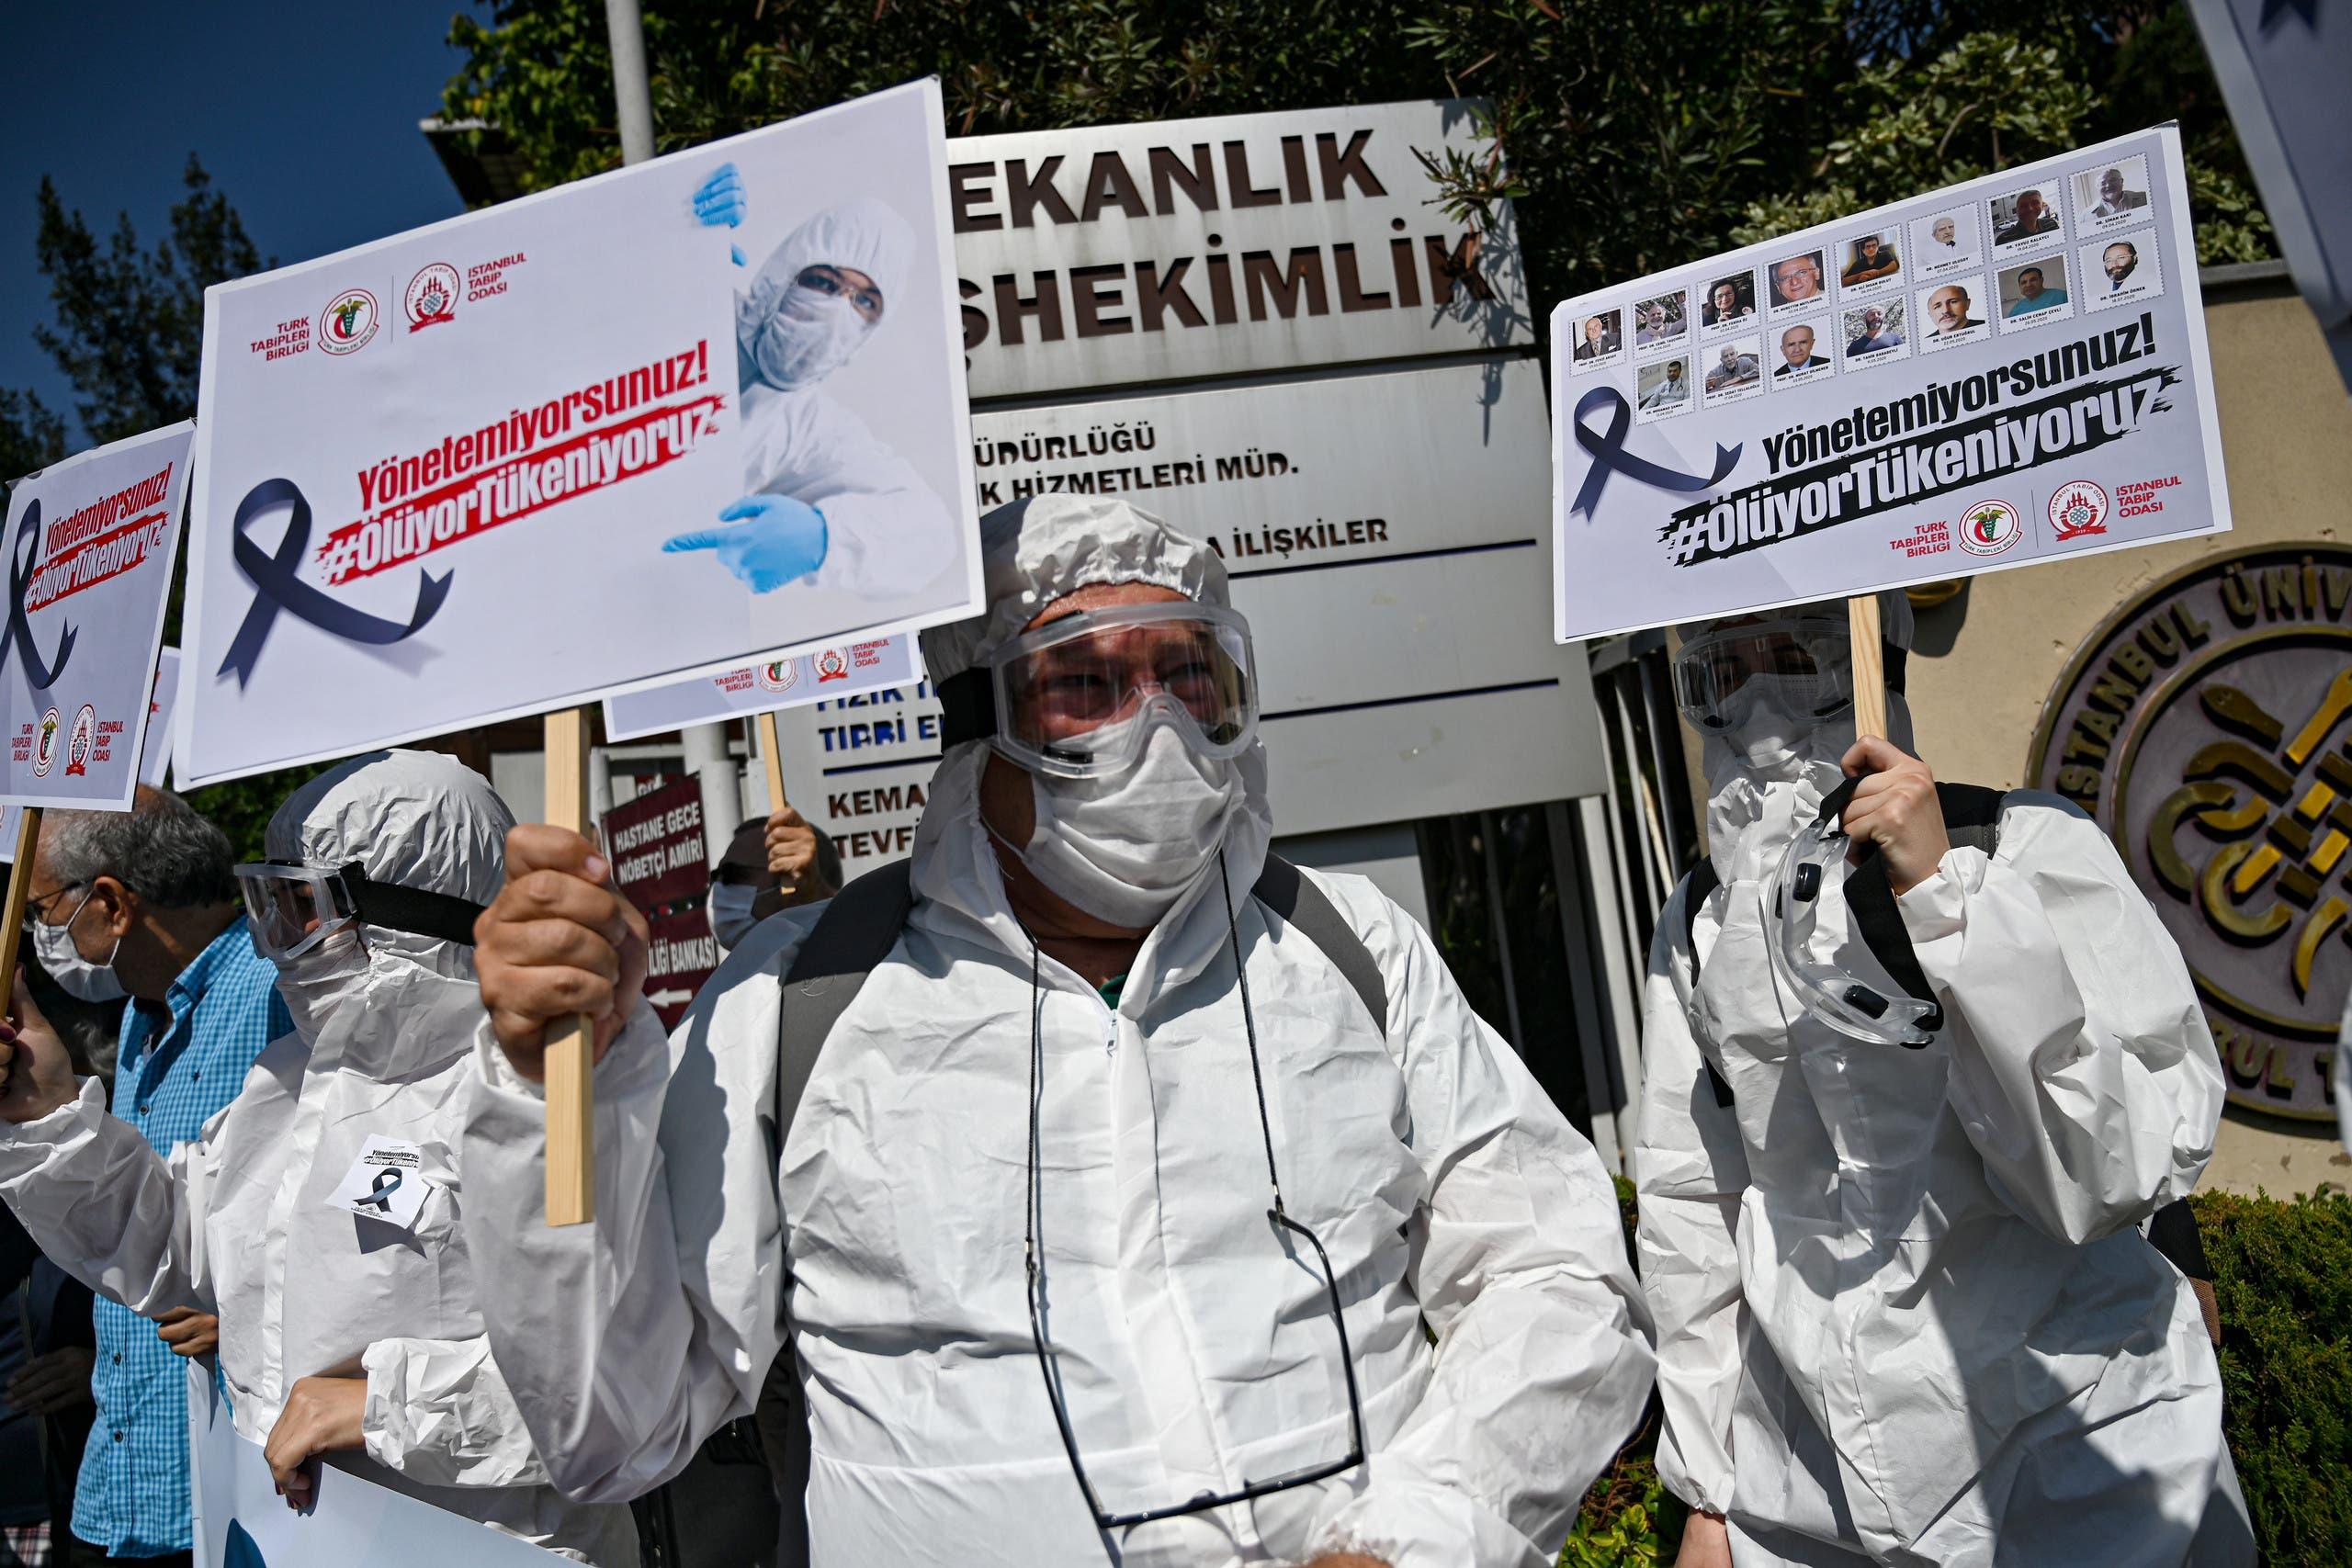 احتجاج للأطباء والعمال الصحيين أمام جامعة اسطنبول في سبتمبر الماضي